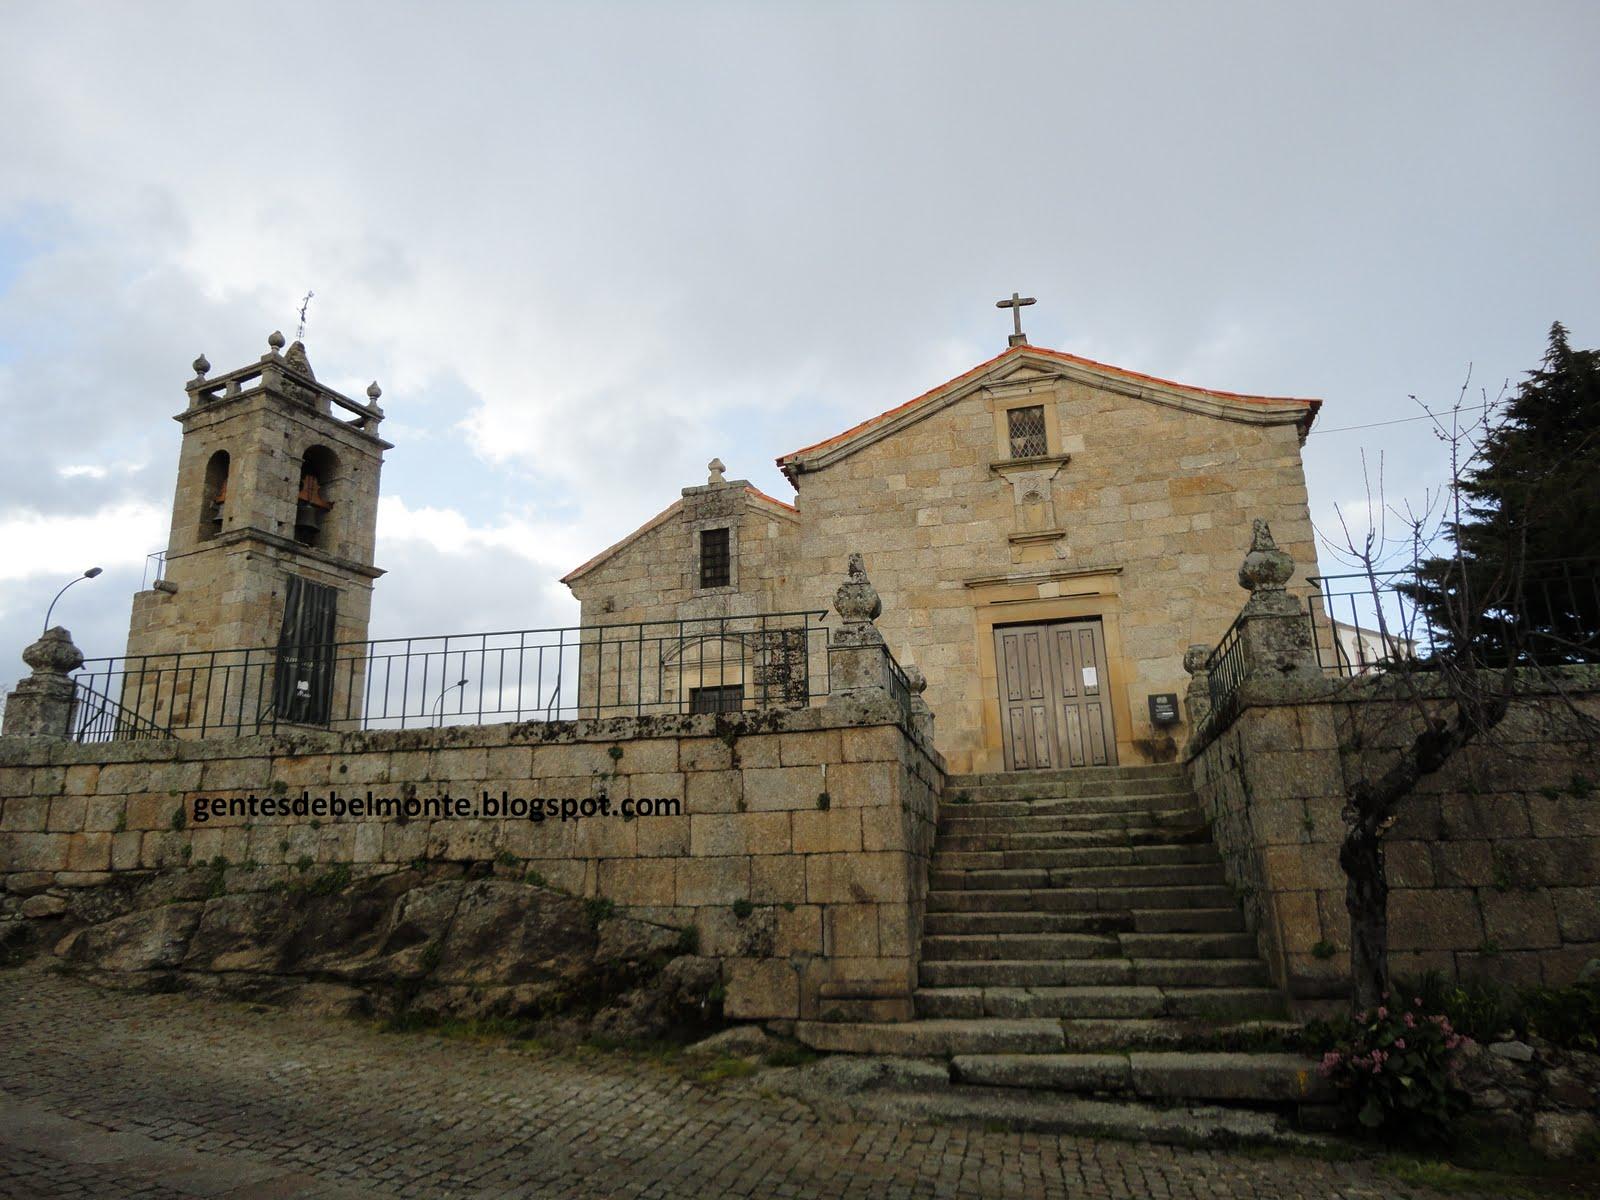 Belmonte Portugal  city photos gallery : igreja de S. Tiago Belmonte portugal Serra da Estrela Cova da Beira ...